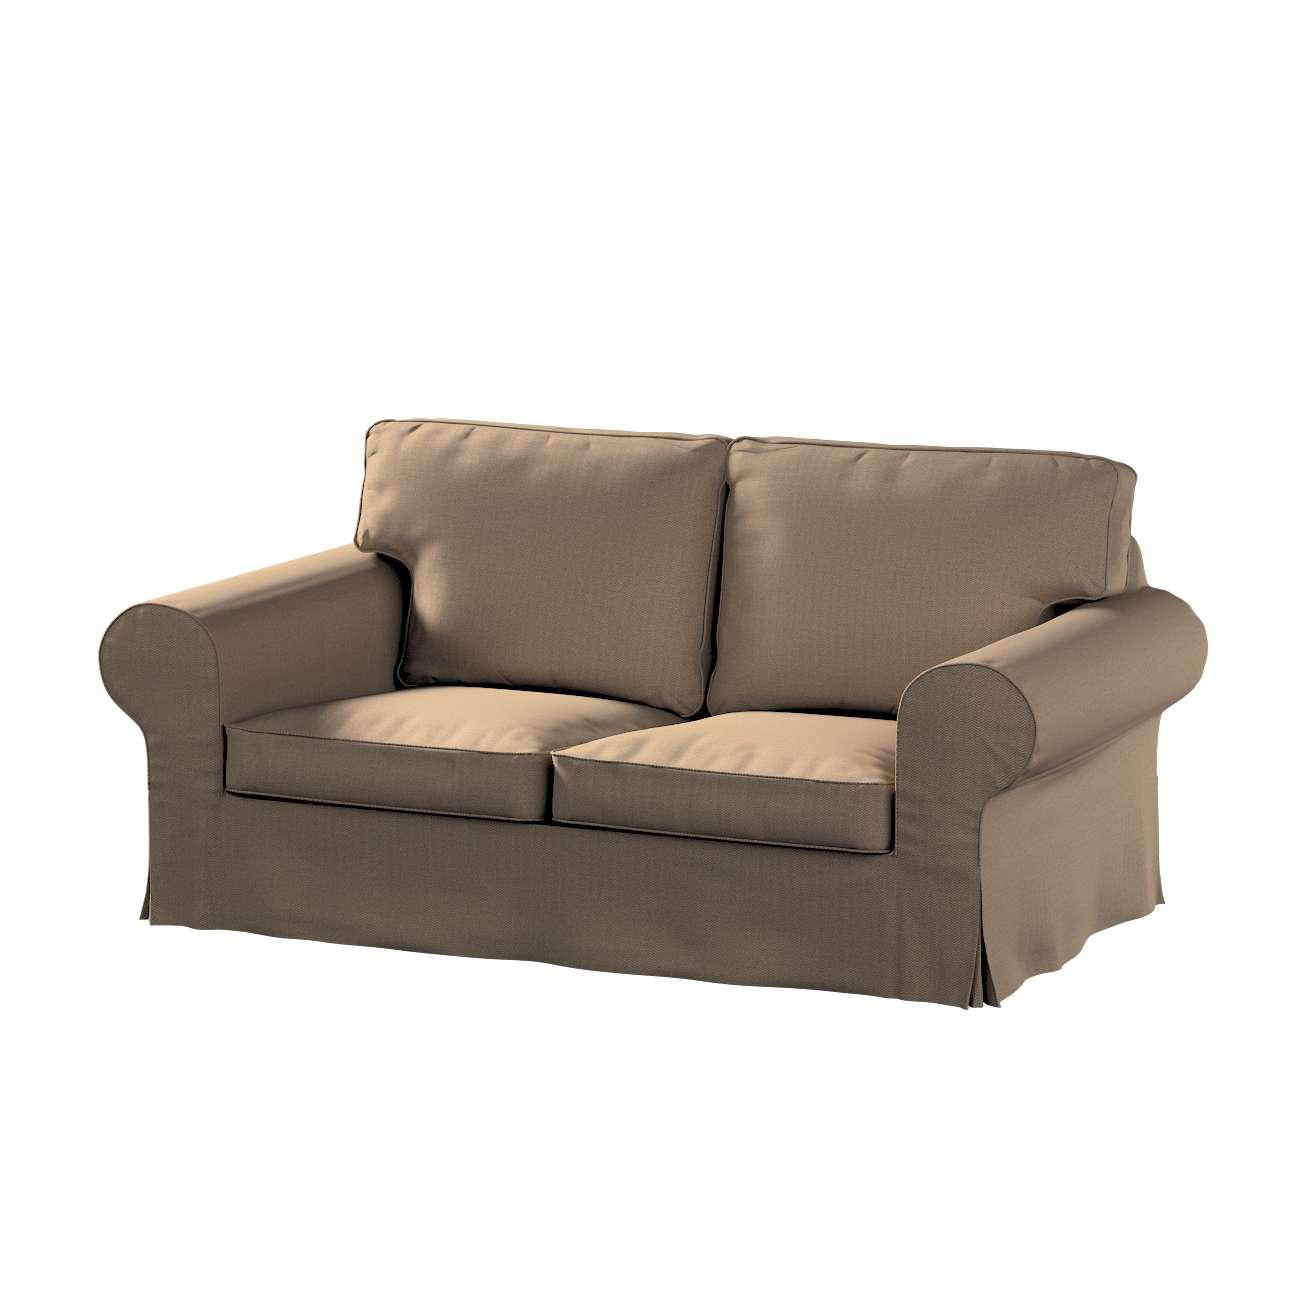 Bezug für Ektorp 2-Sitzer Schlafsofa ALTES Modell von der Kollektion Bergen, Stoff: 161-85